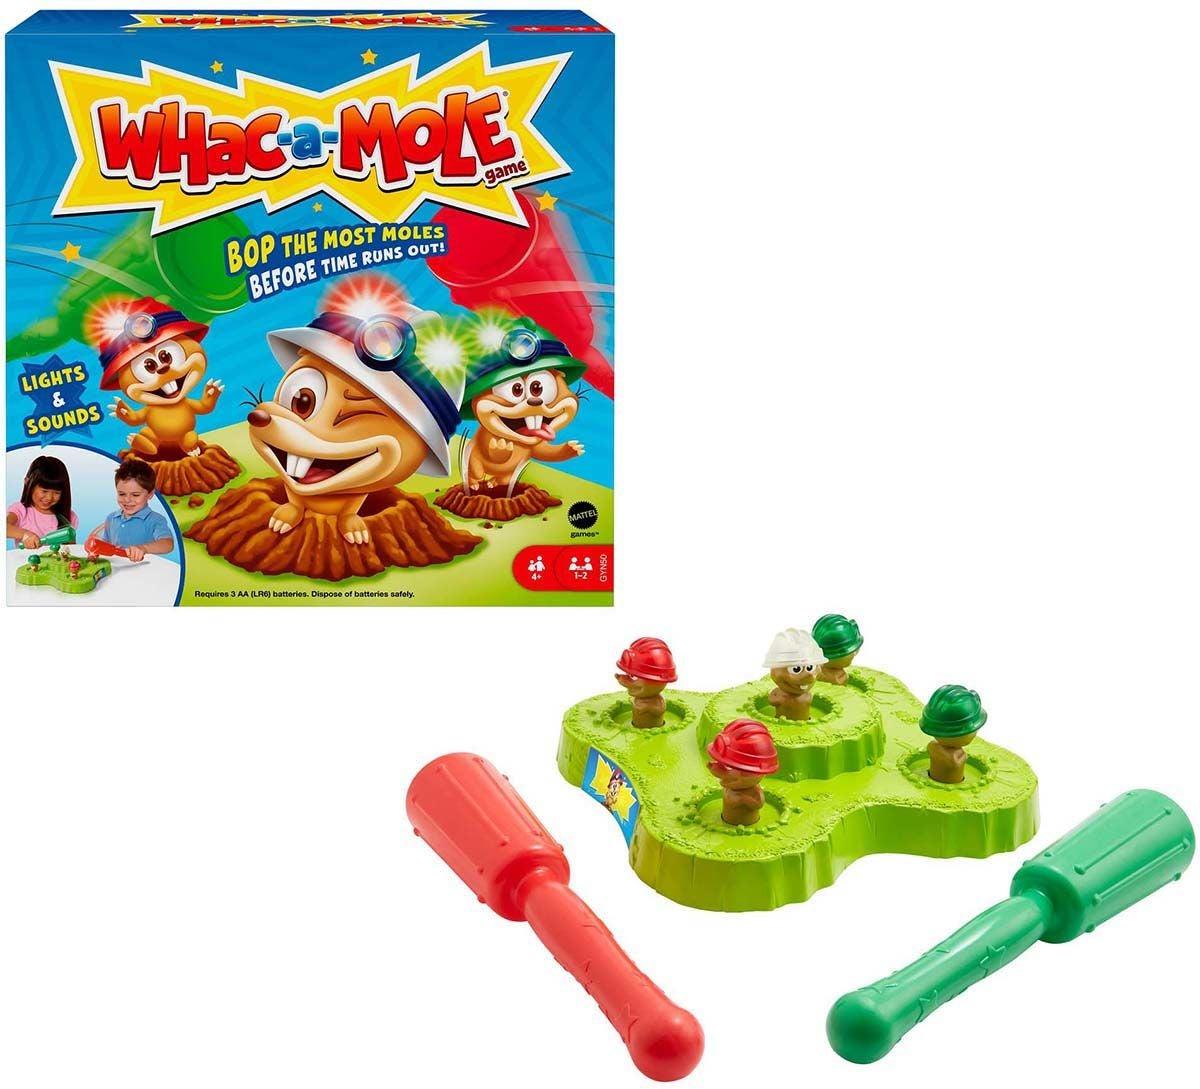 Mattel Whac-A-Mole Spel